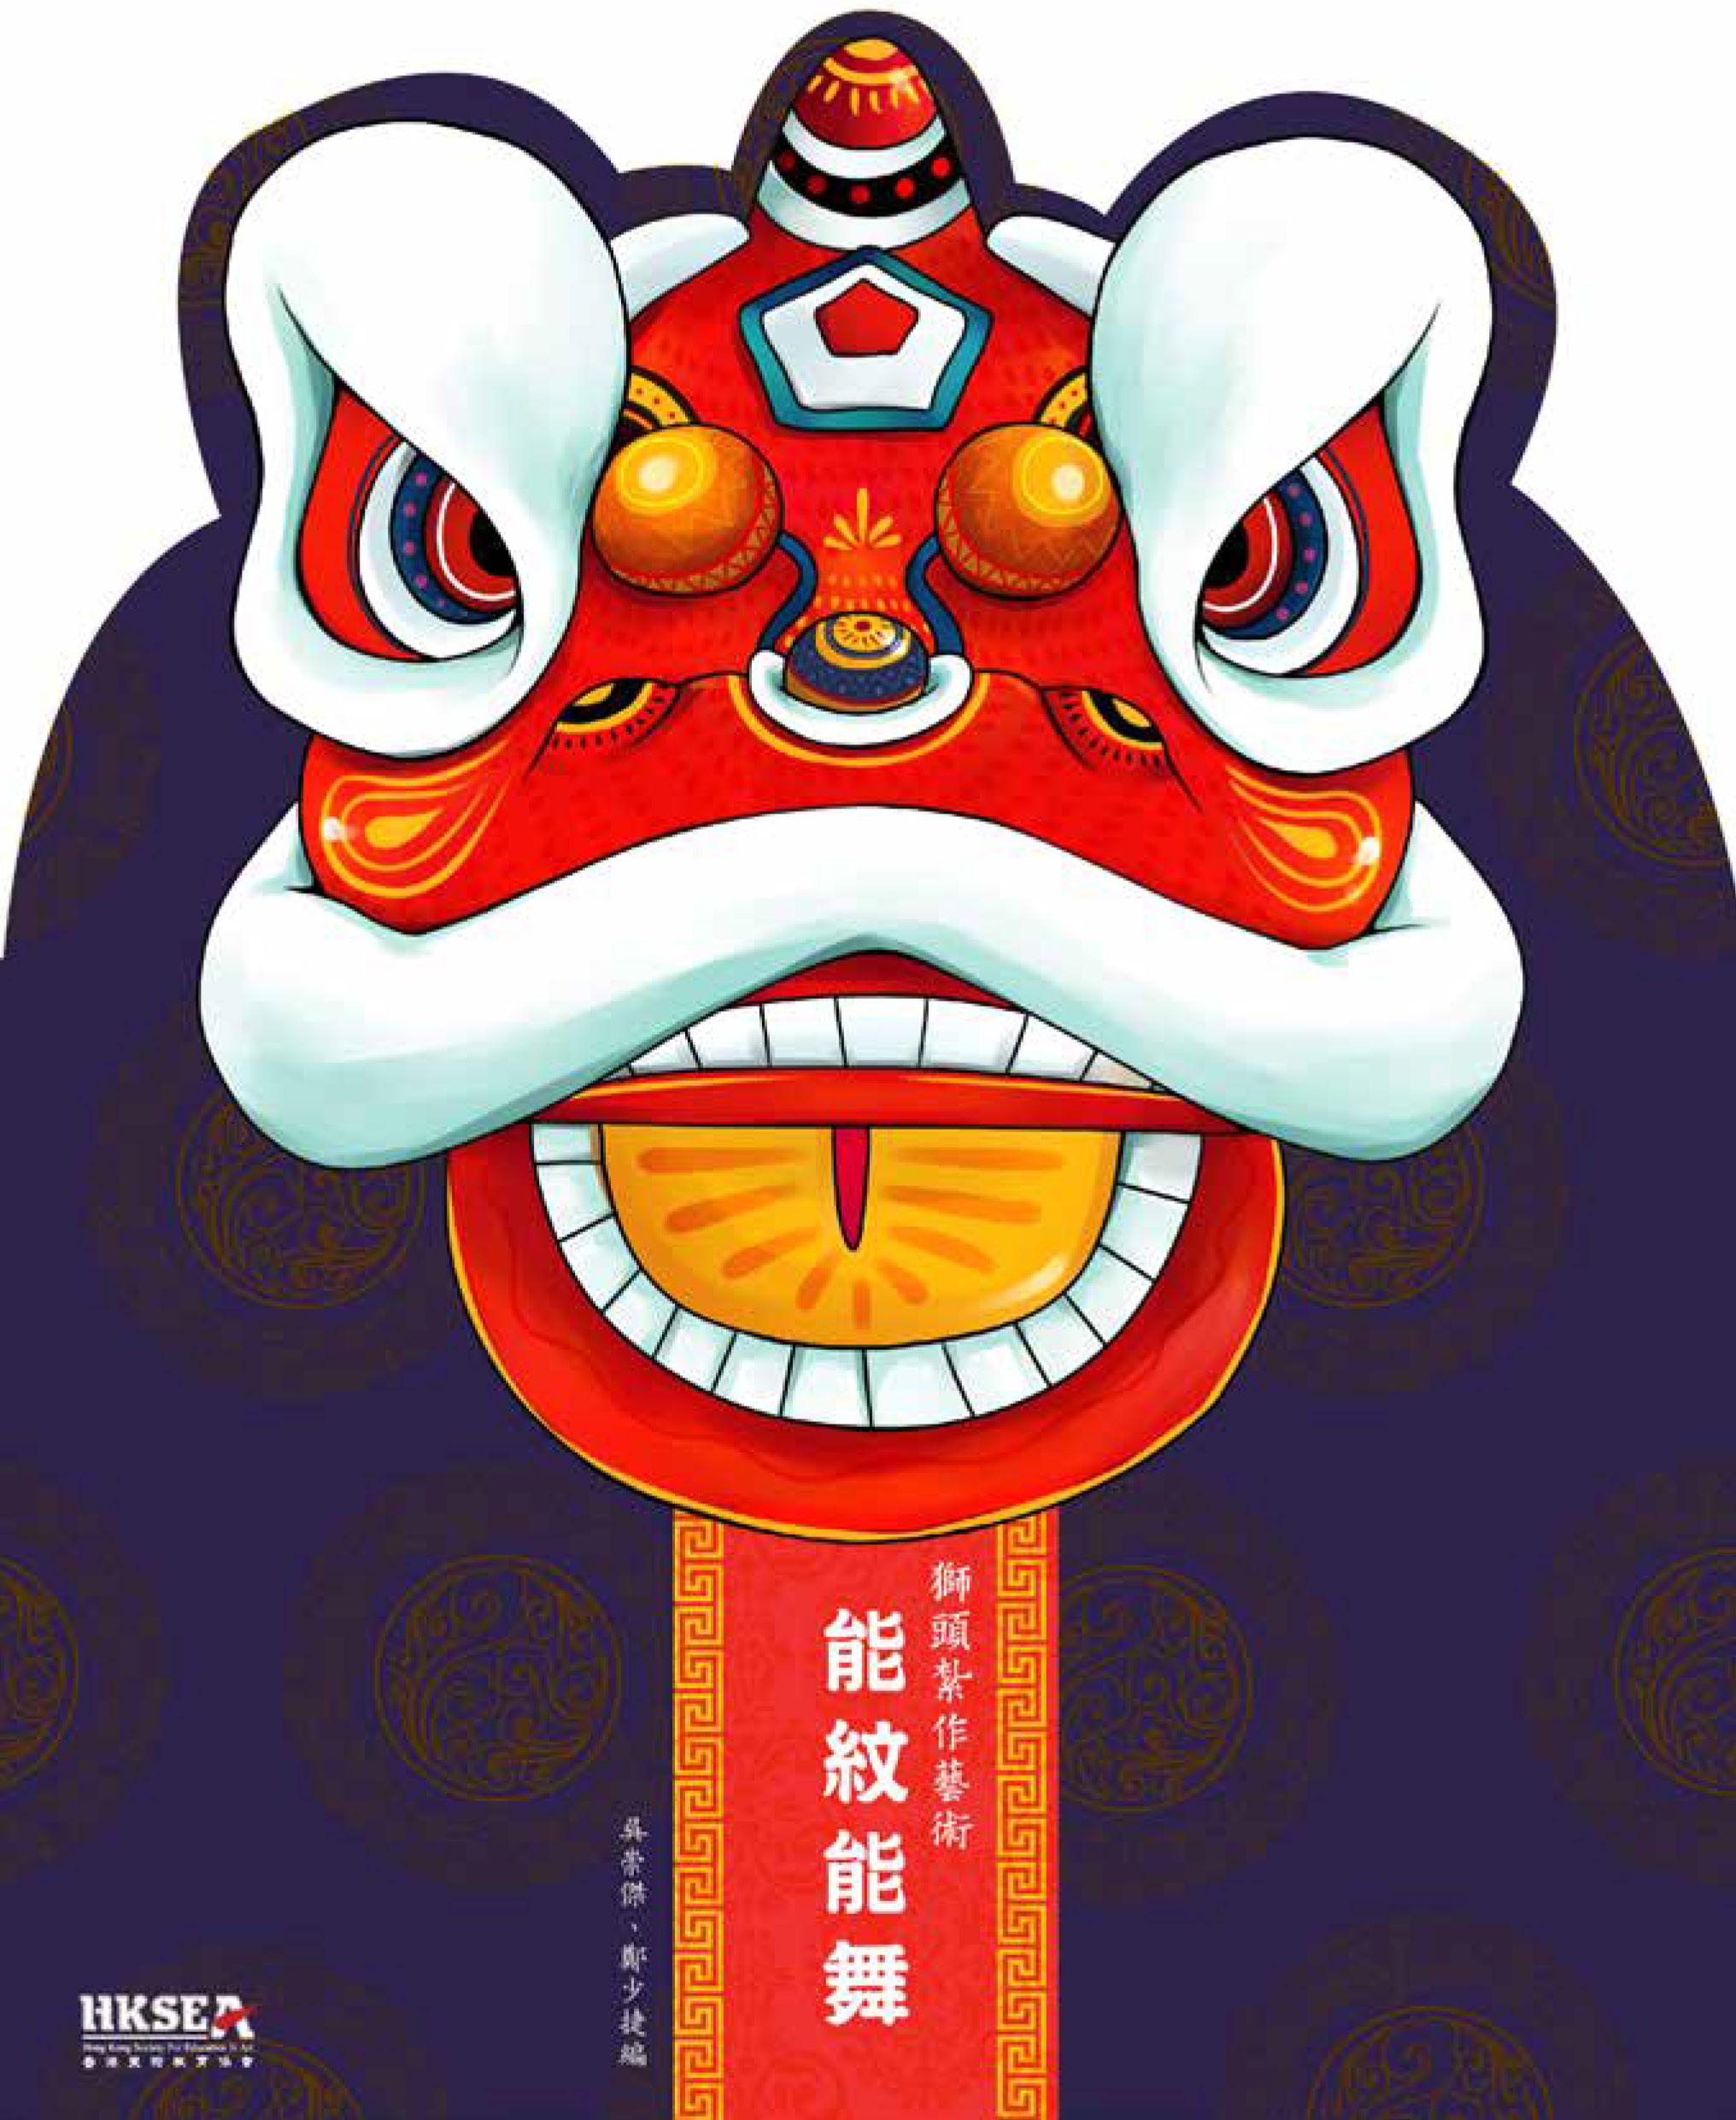 中國花燈計劃:能紋能舞 – 獅頭紮作藝術